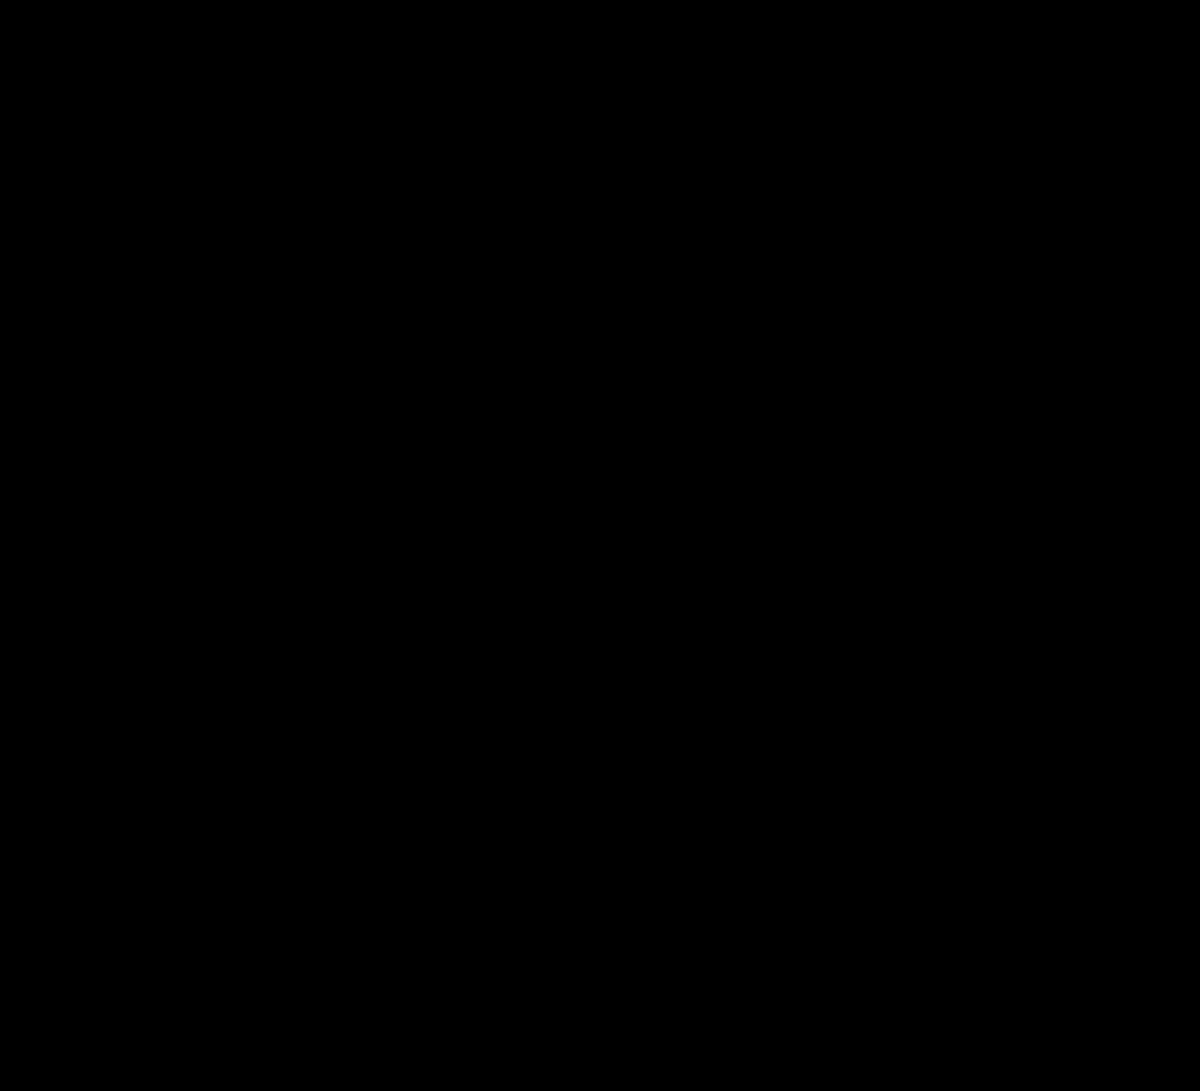 ثيوفايلين (تيوفيلين) Theophylline